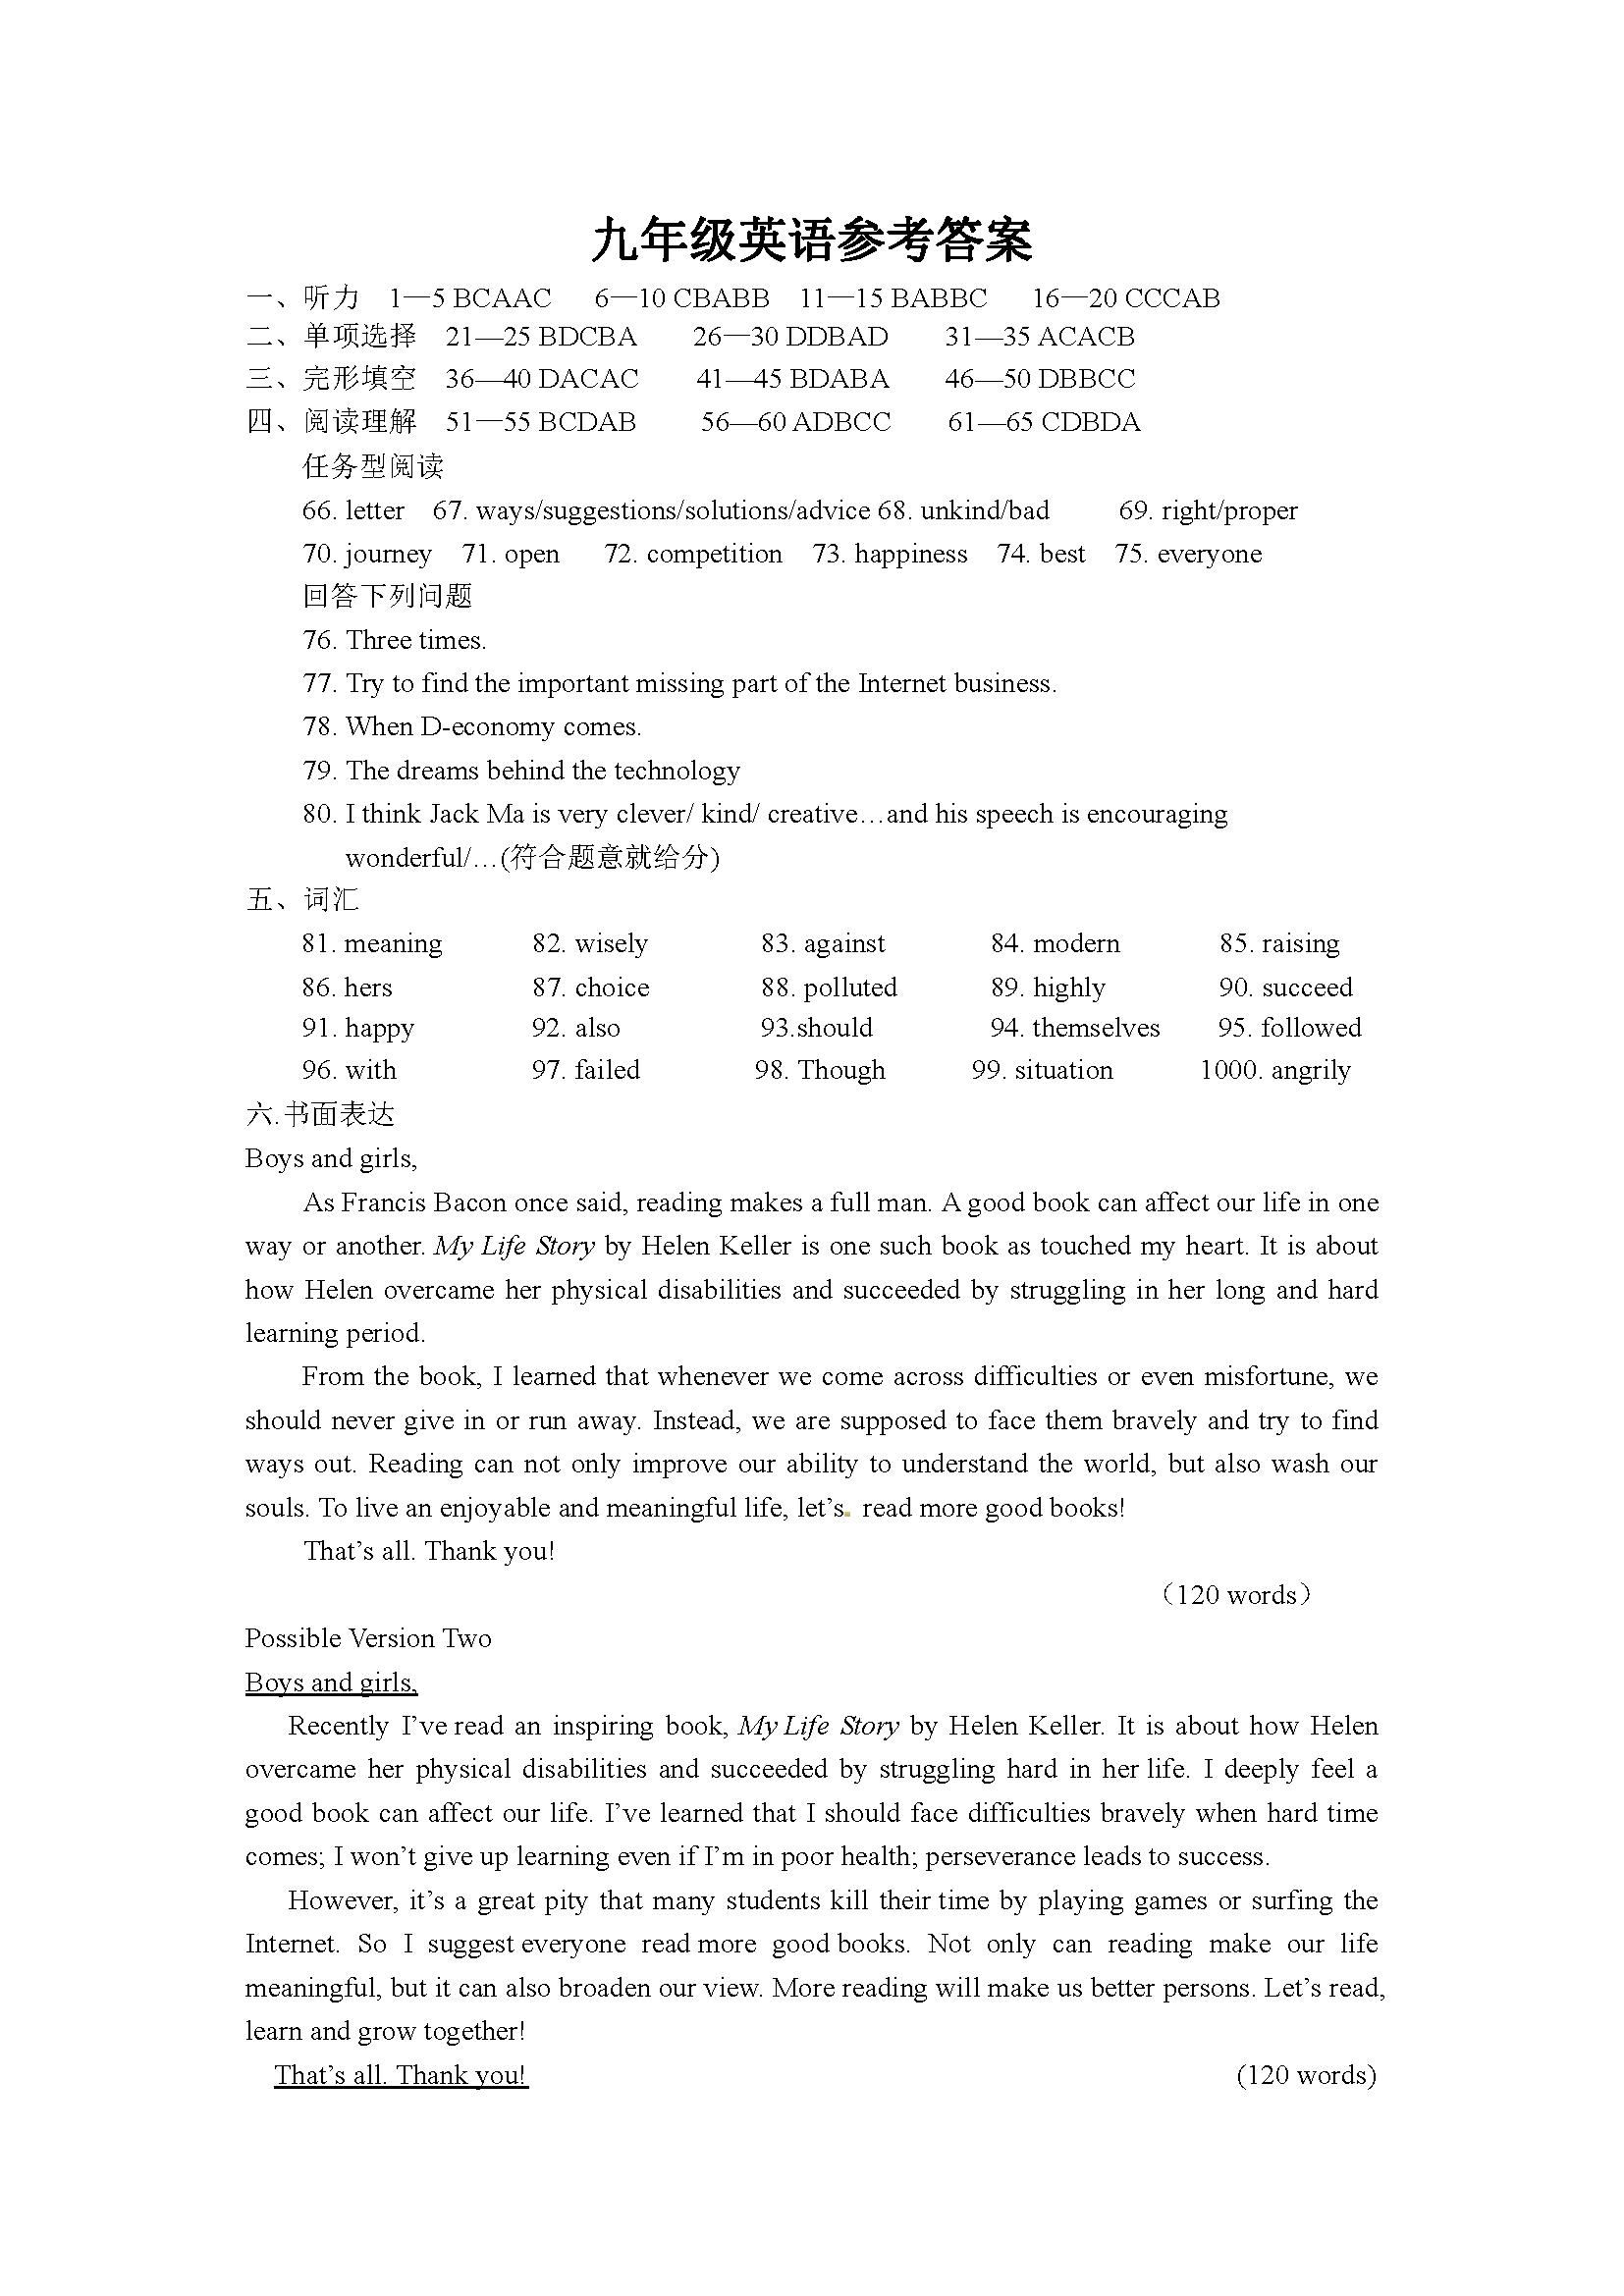 2017年江苏滨海坎北初级中学九年级下英语月考试题 答案(图片版)